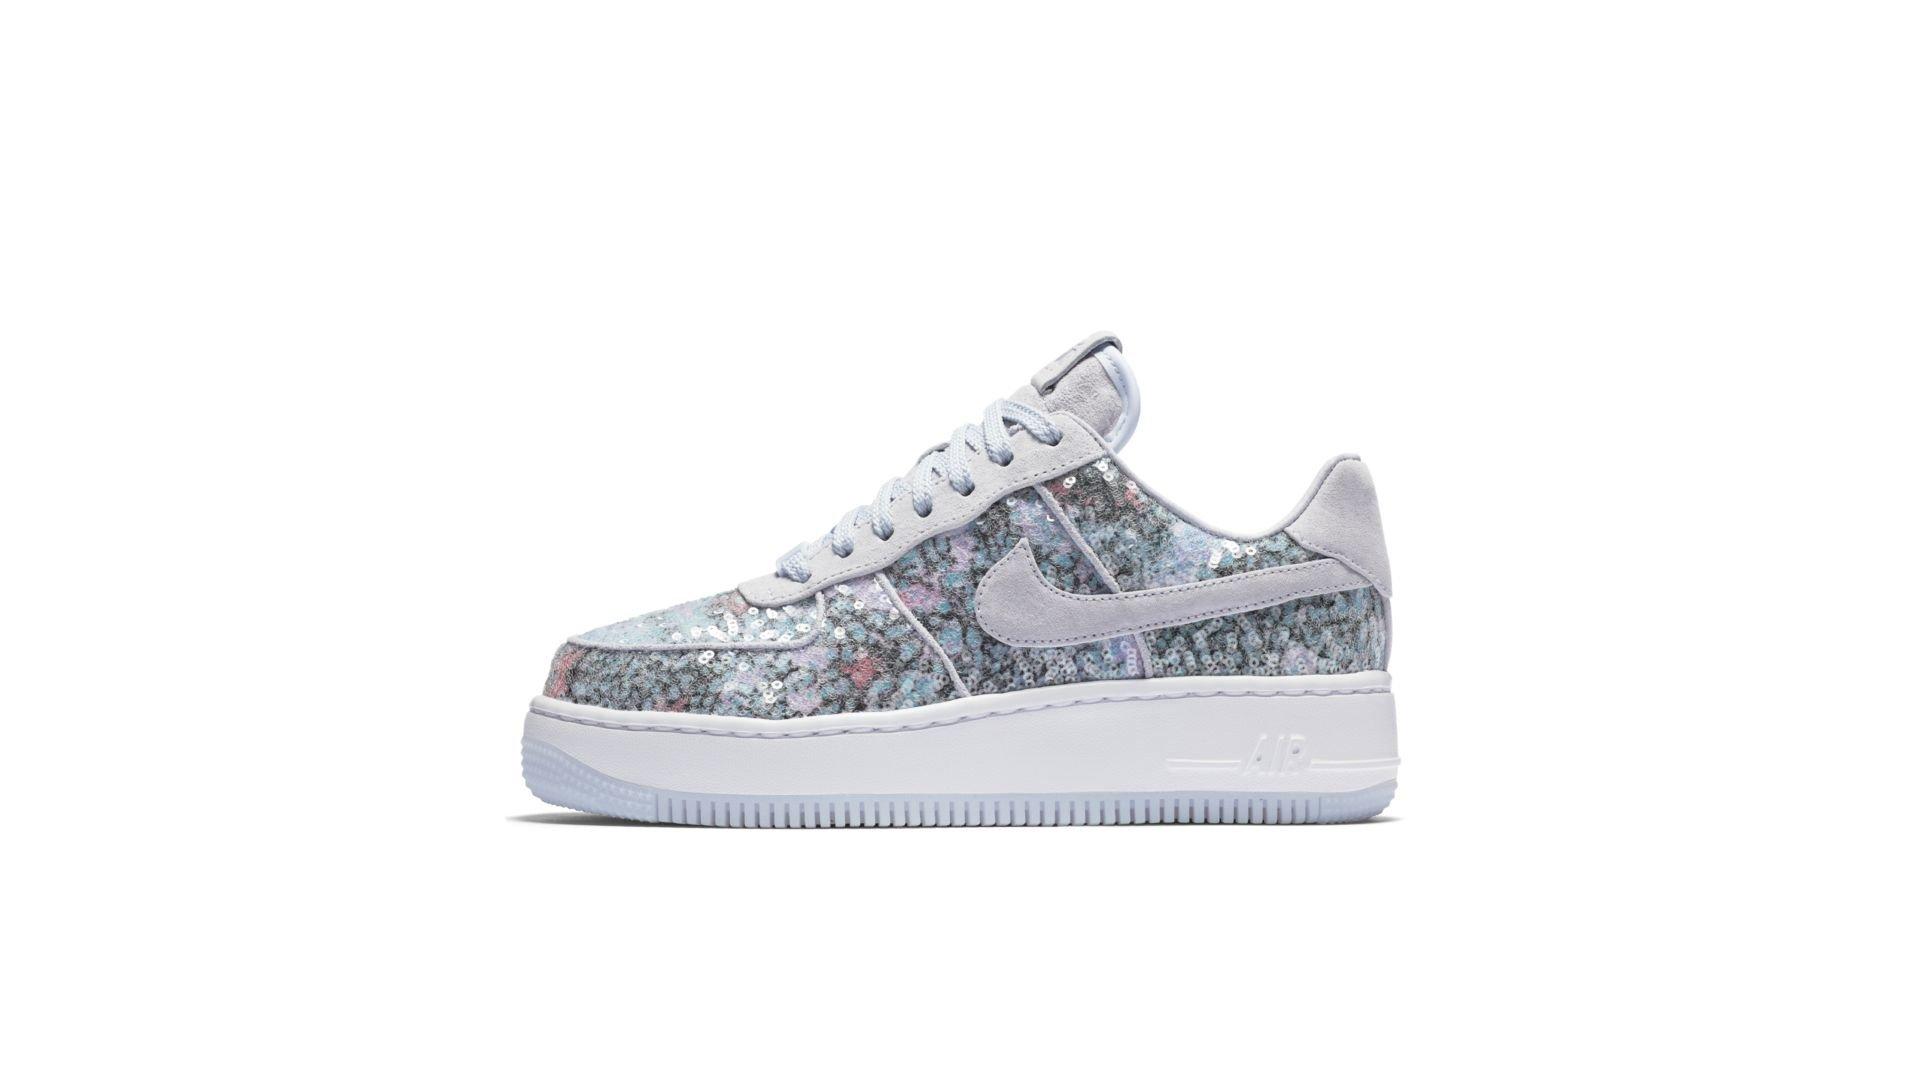 Nike Air Force 1 Upstep Glass Slipper (W) (917589-500)